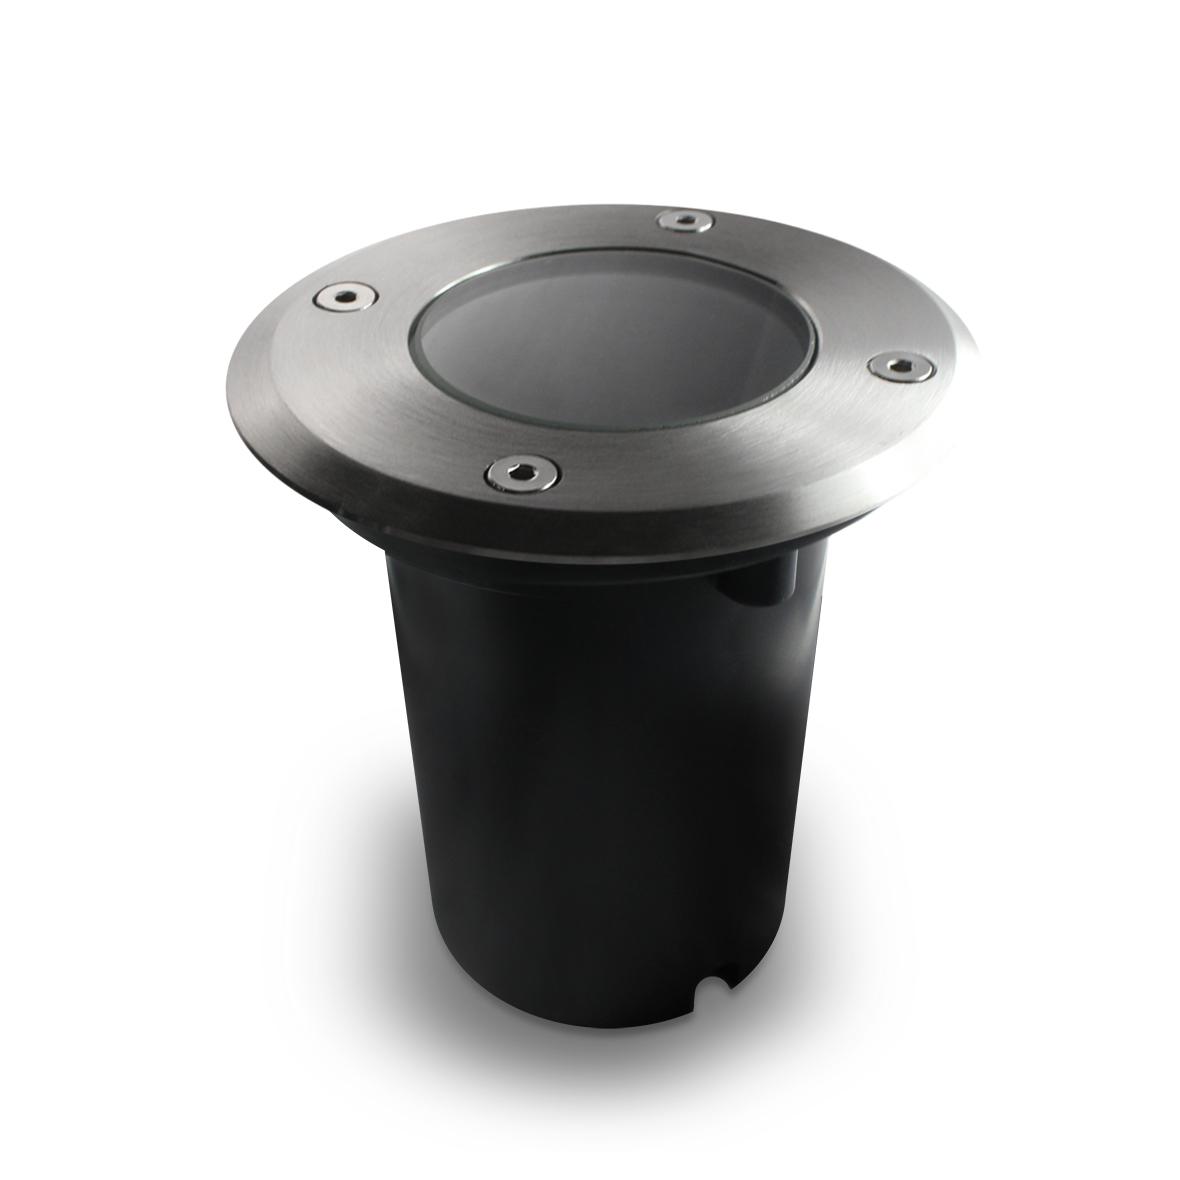 led bodenleuchte bodeneinbaustrahler bodenlampe gartenstrahler ip67 gu10 230v. Black Bedroom Furniture Sets. Home Design Ideas